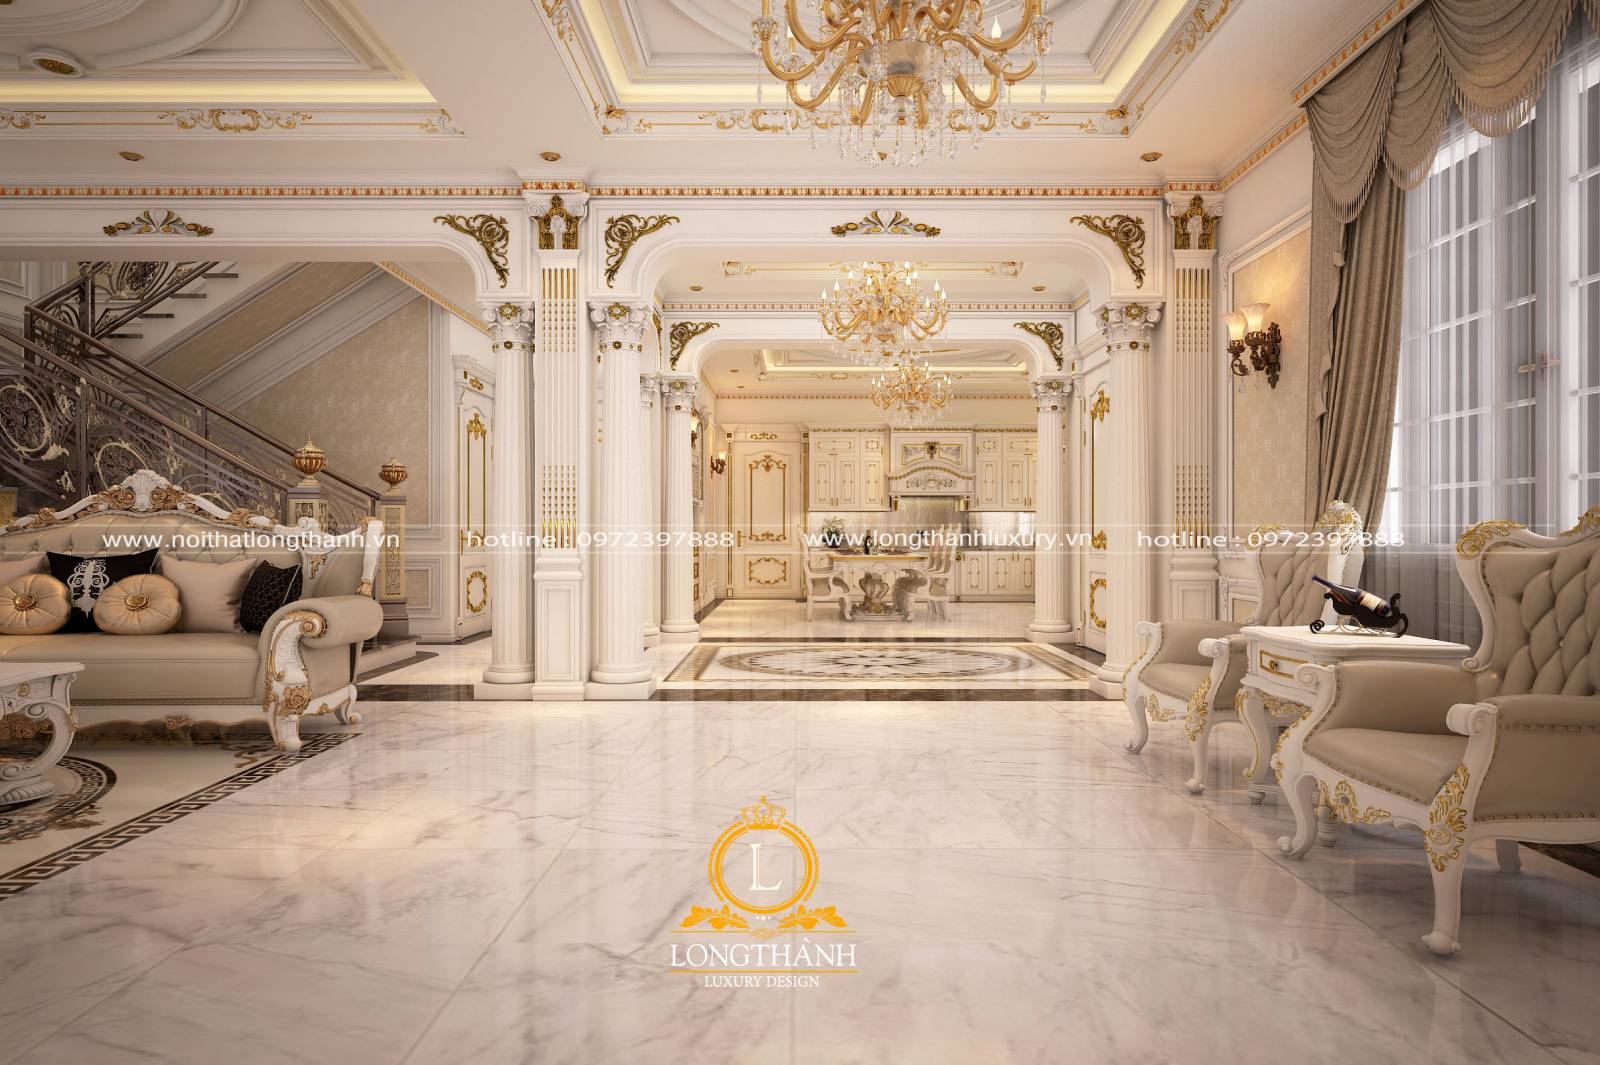 Thiết kế phòng khách liền phòng ăn đảm bảo sự hài hòa về ánh sáng màu sắc